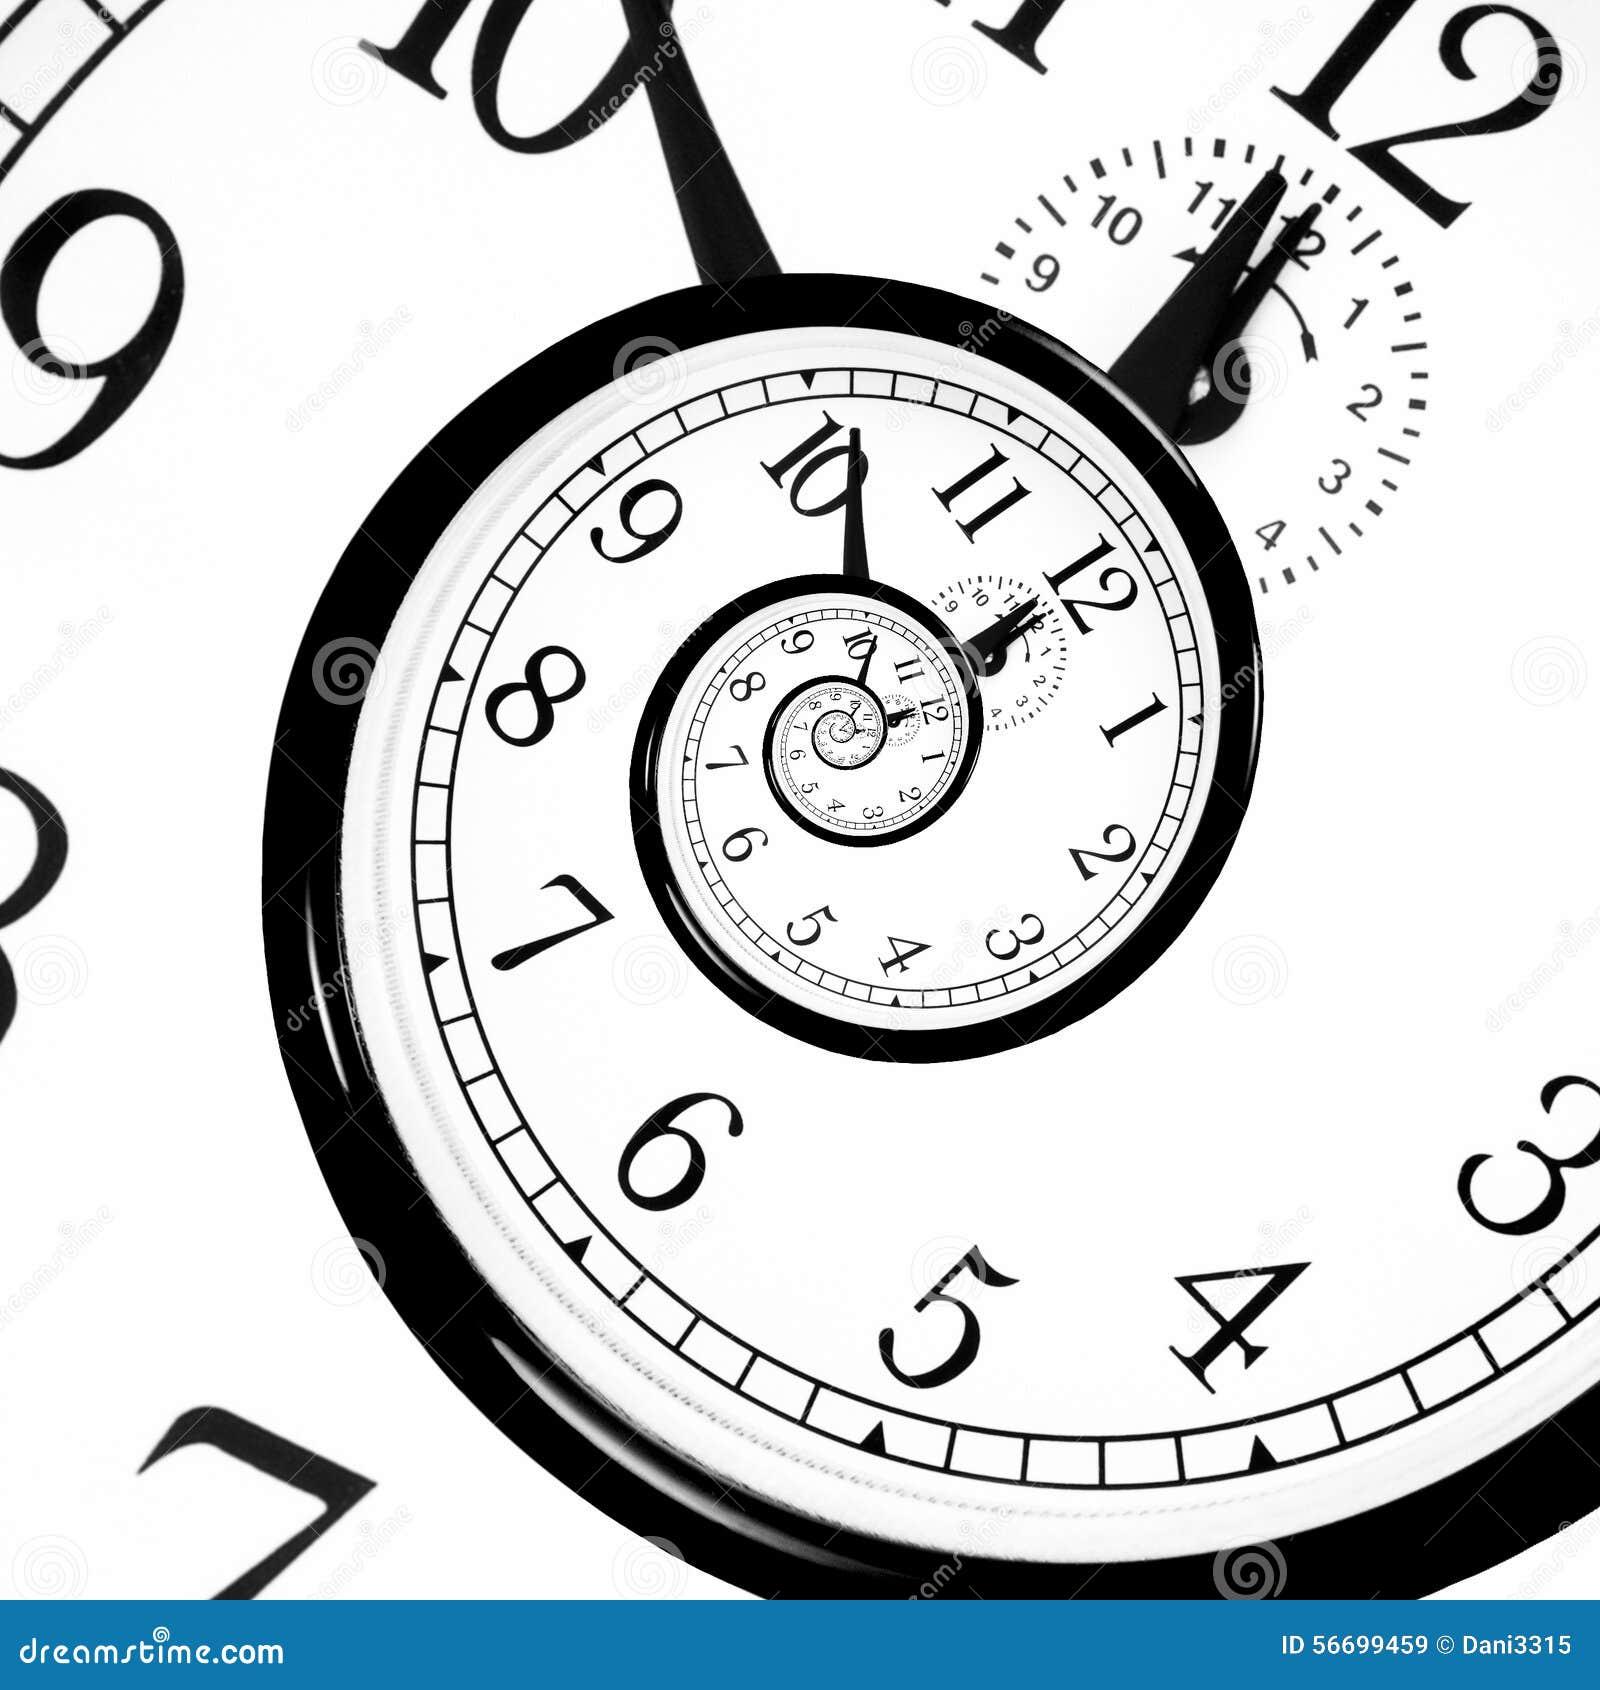 Quantum Mechanics Time Travel